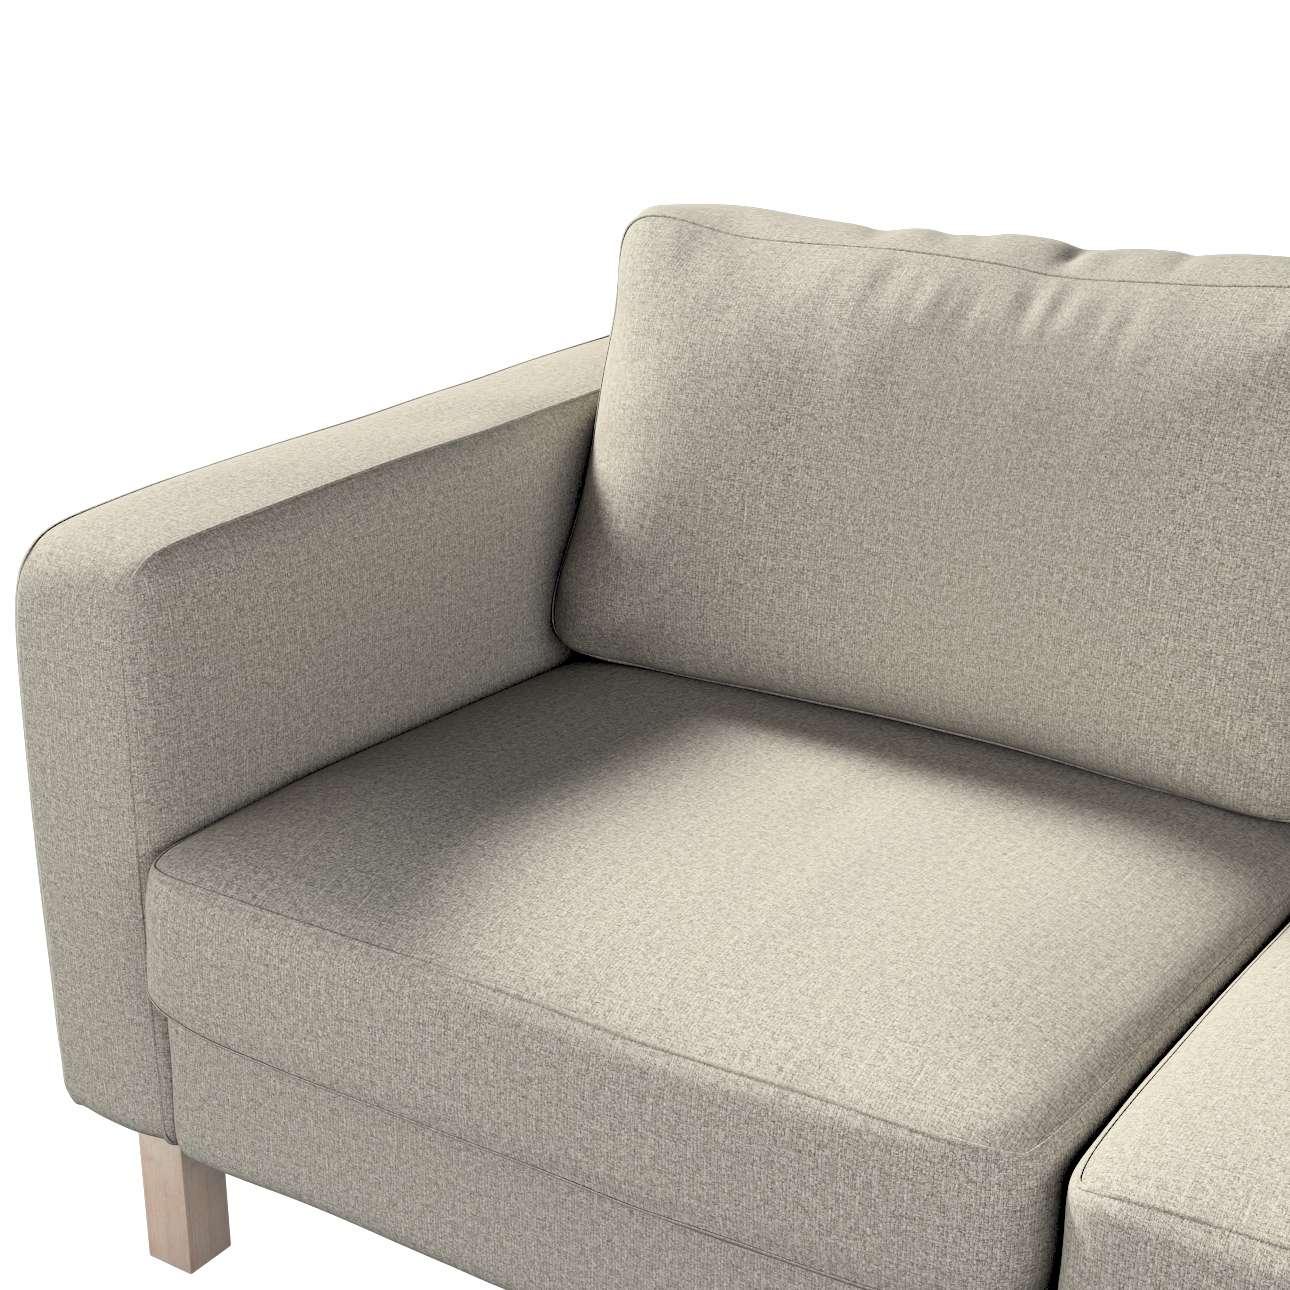 Potah na pohovku IKEA  Karlstad 2-místná, nerozkládací, krátký v kolekci Madrid, látka: 161-23